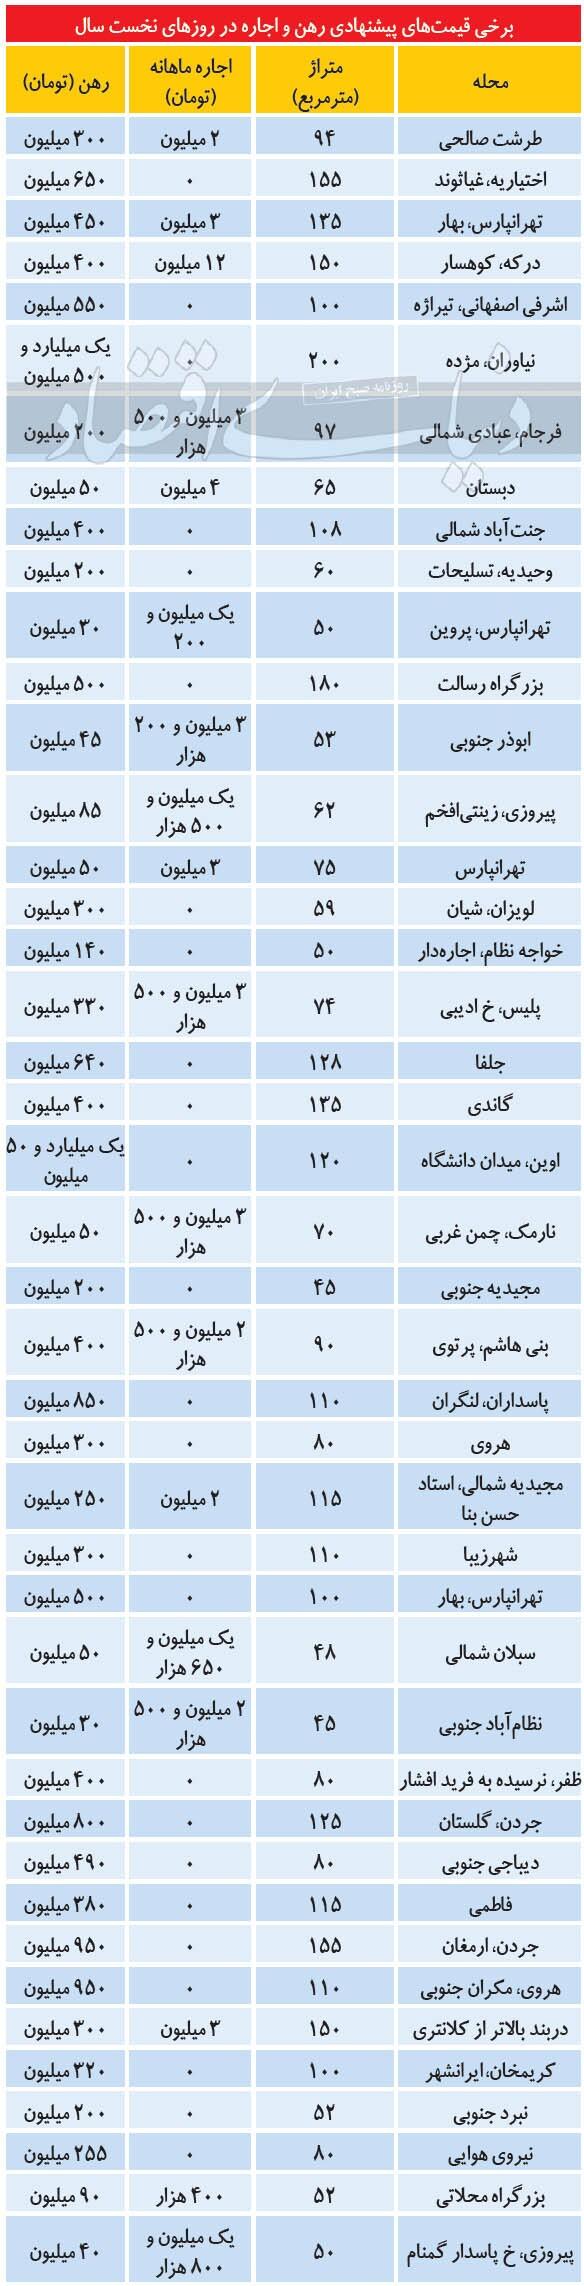 تازه ترین قیمت رهن و اجاره آپارتمان در تهران + جدول